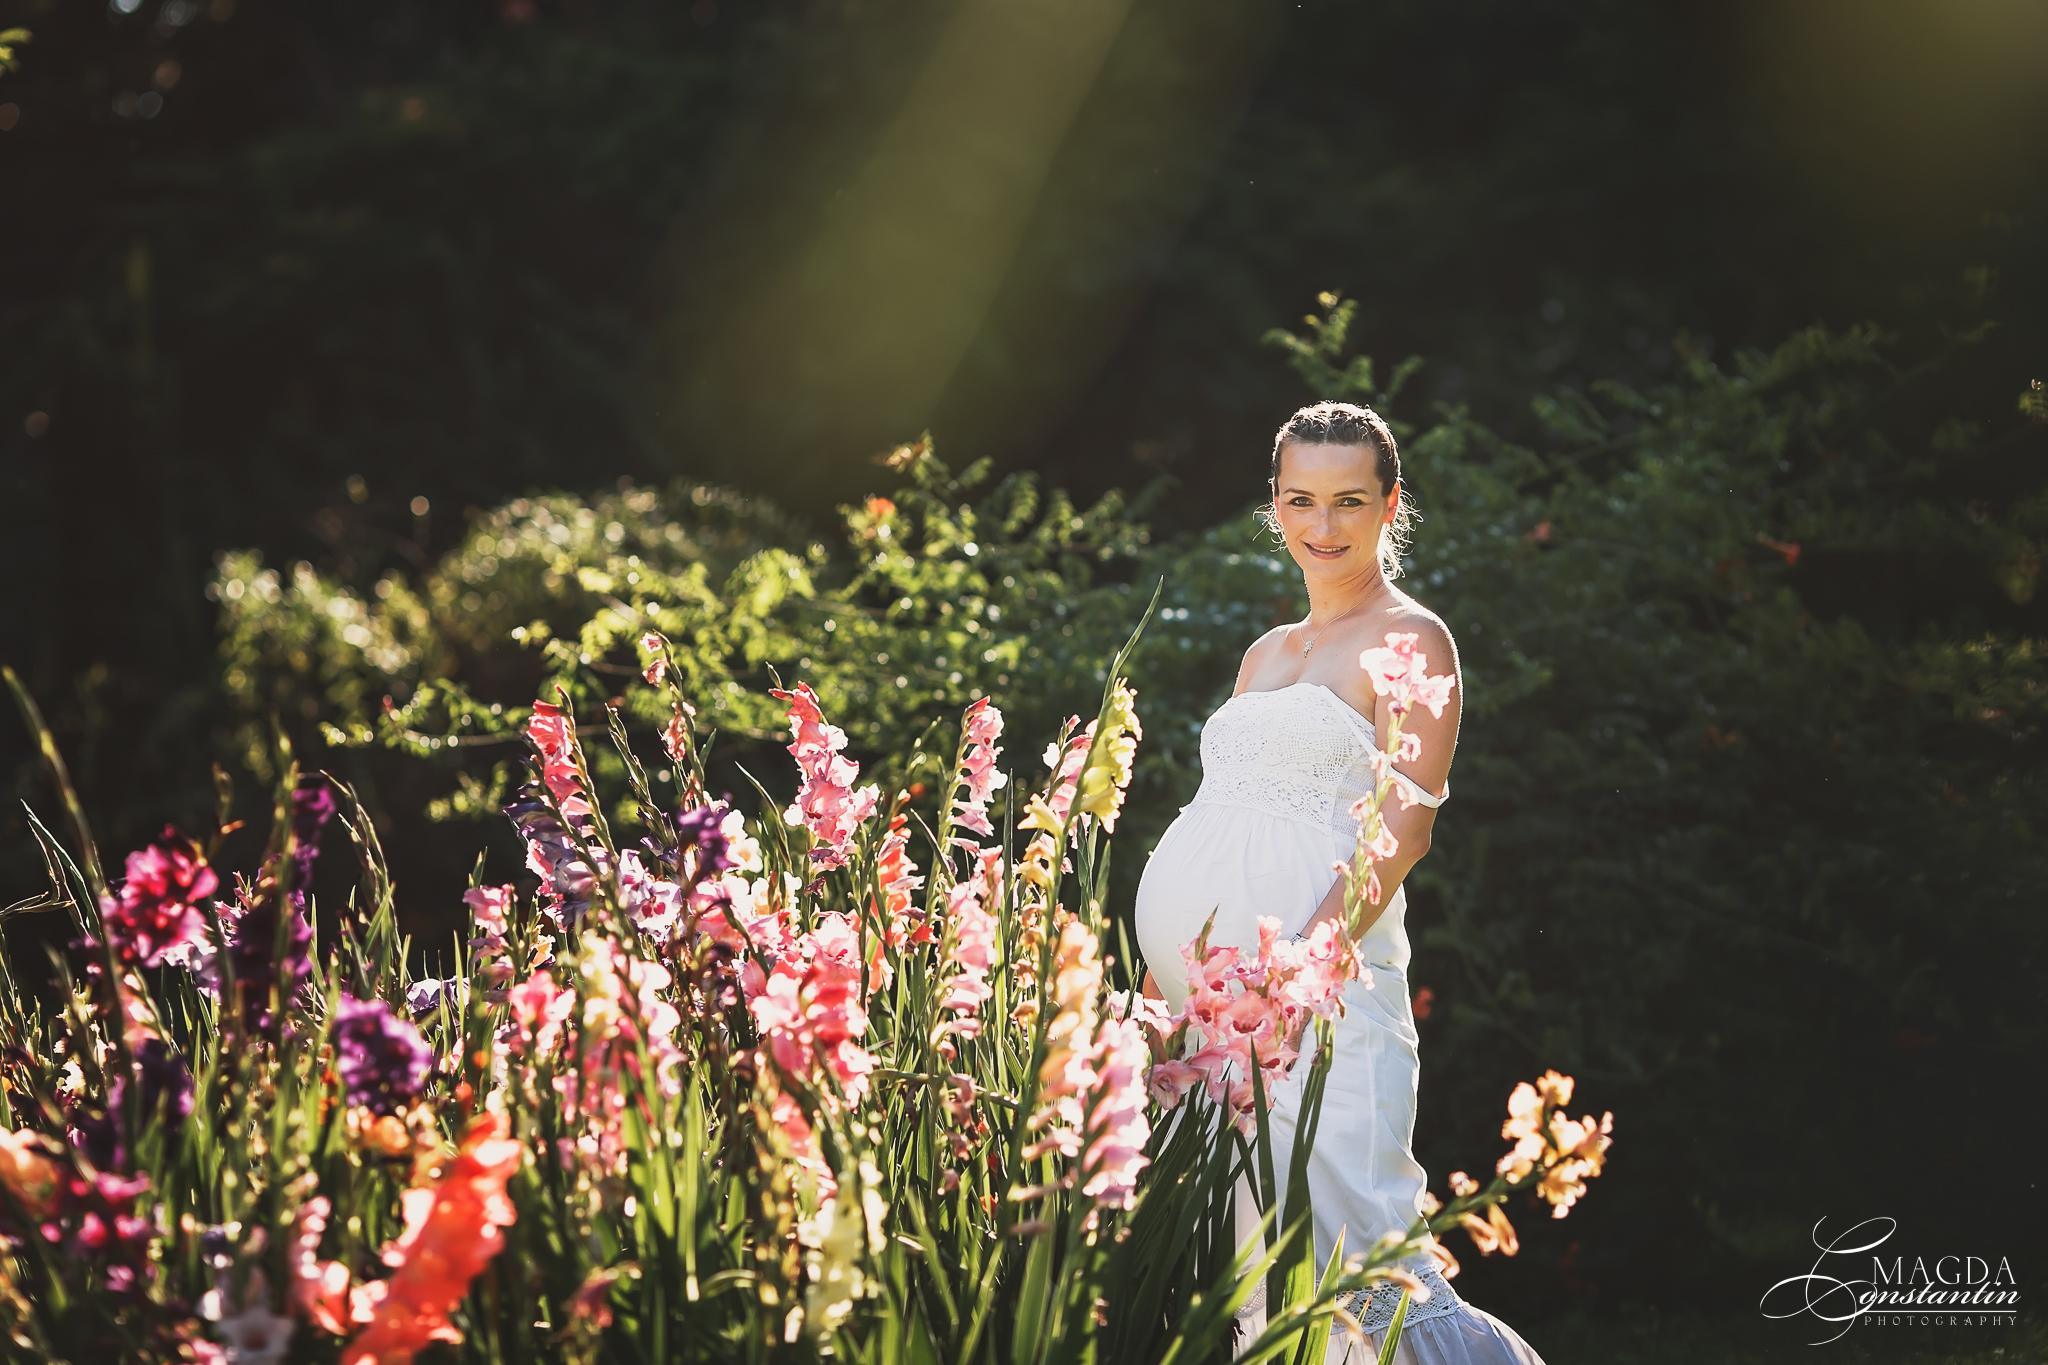 Sedinta foto de maternitate in natura cu stefania in contra luminii cu gladiole in culori pastel in gradina botanica